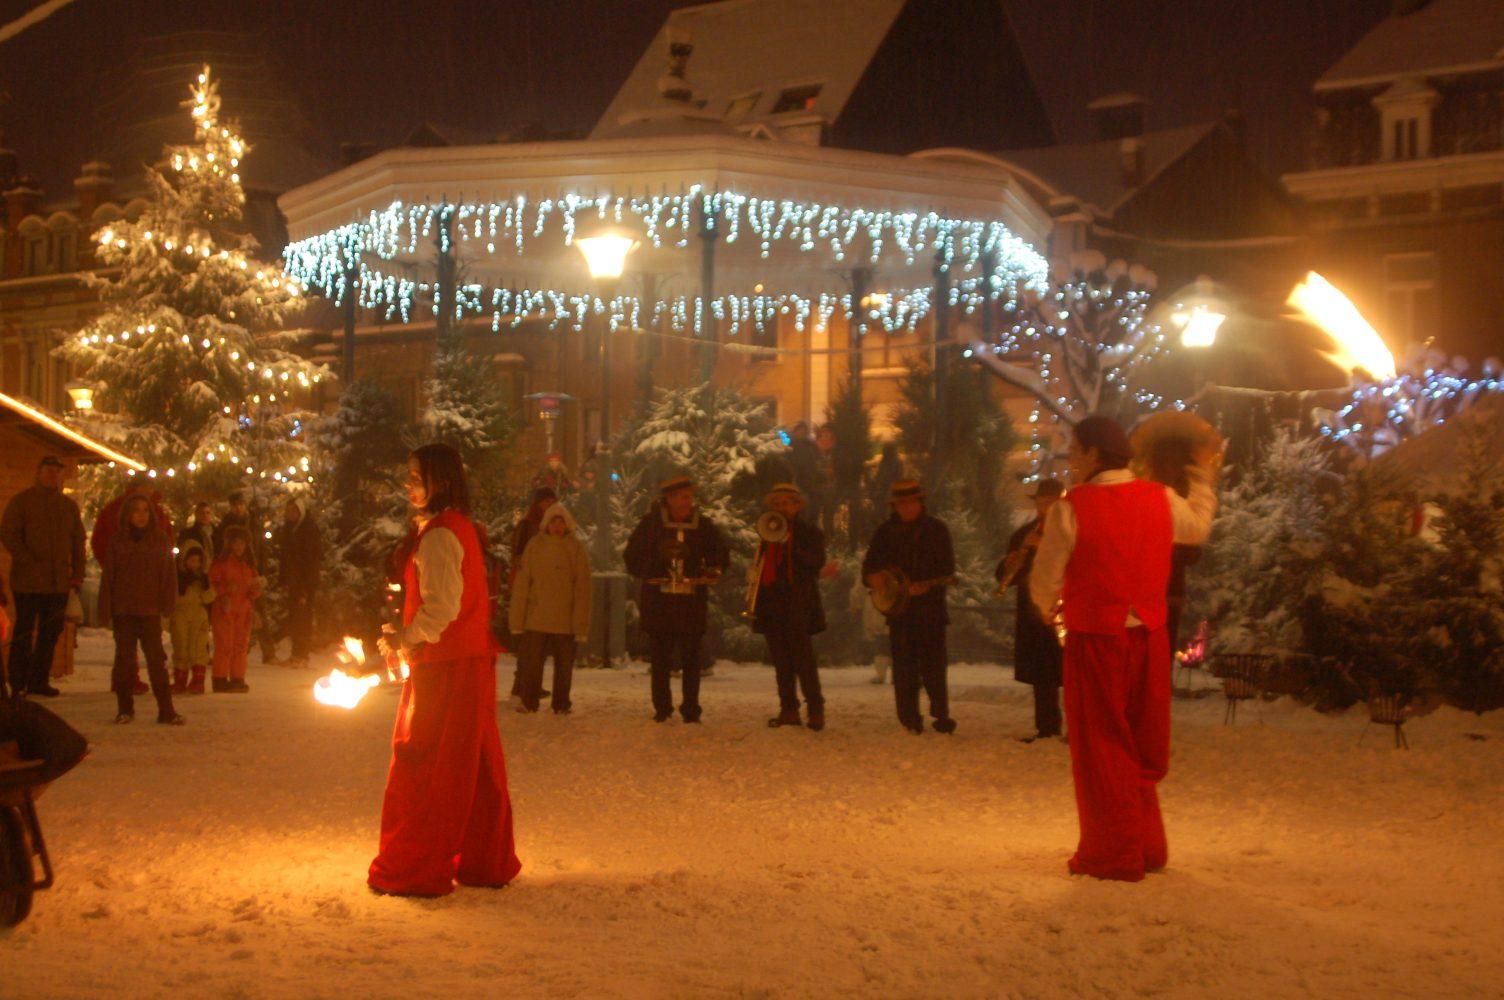 Le Marché de Noël - Andenne Tourisme